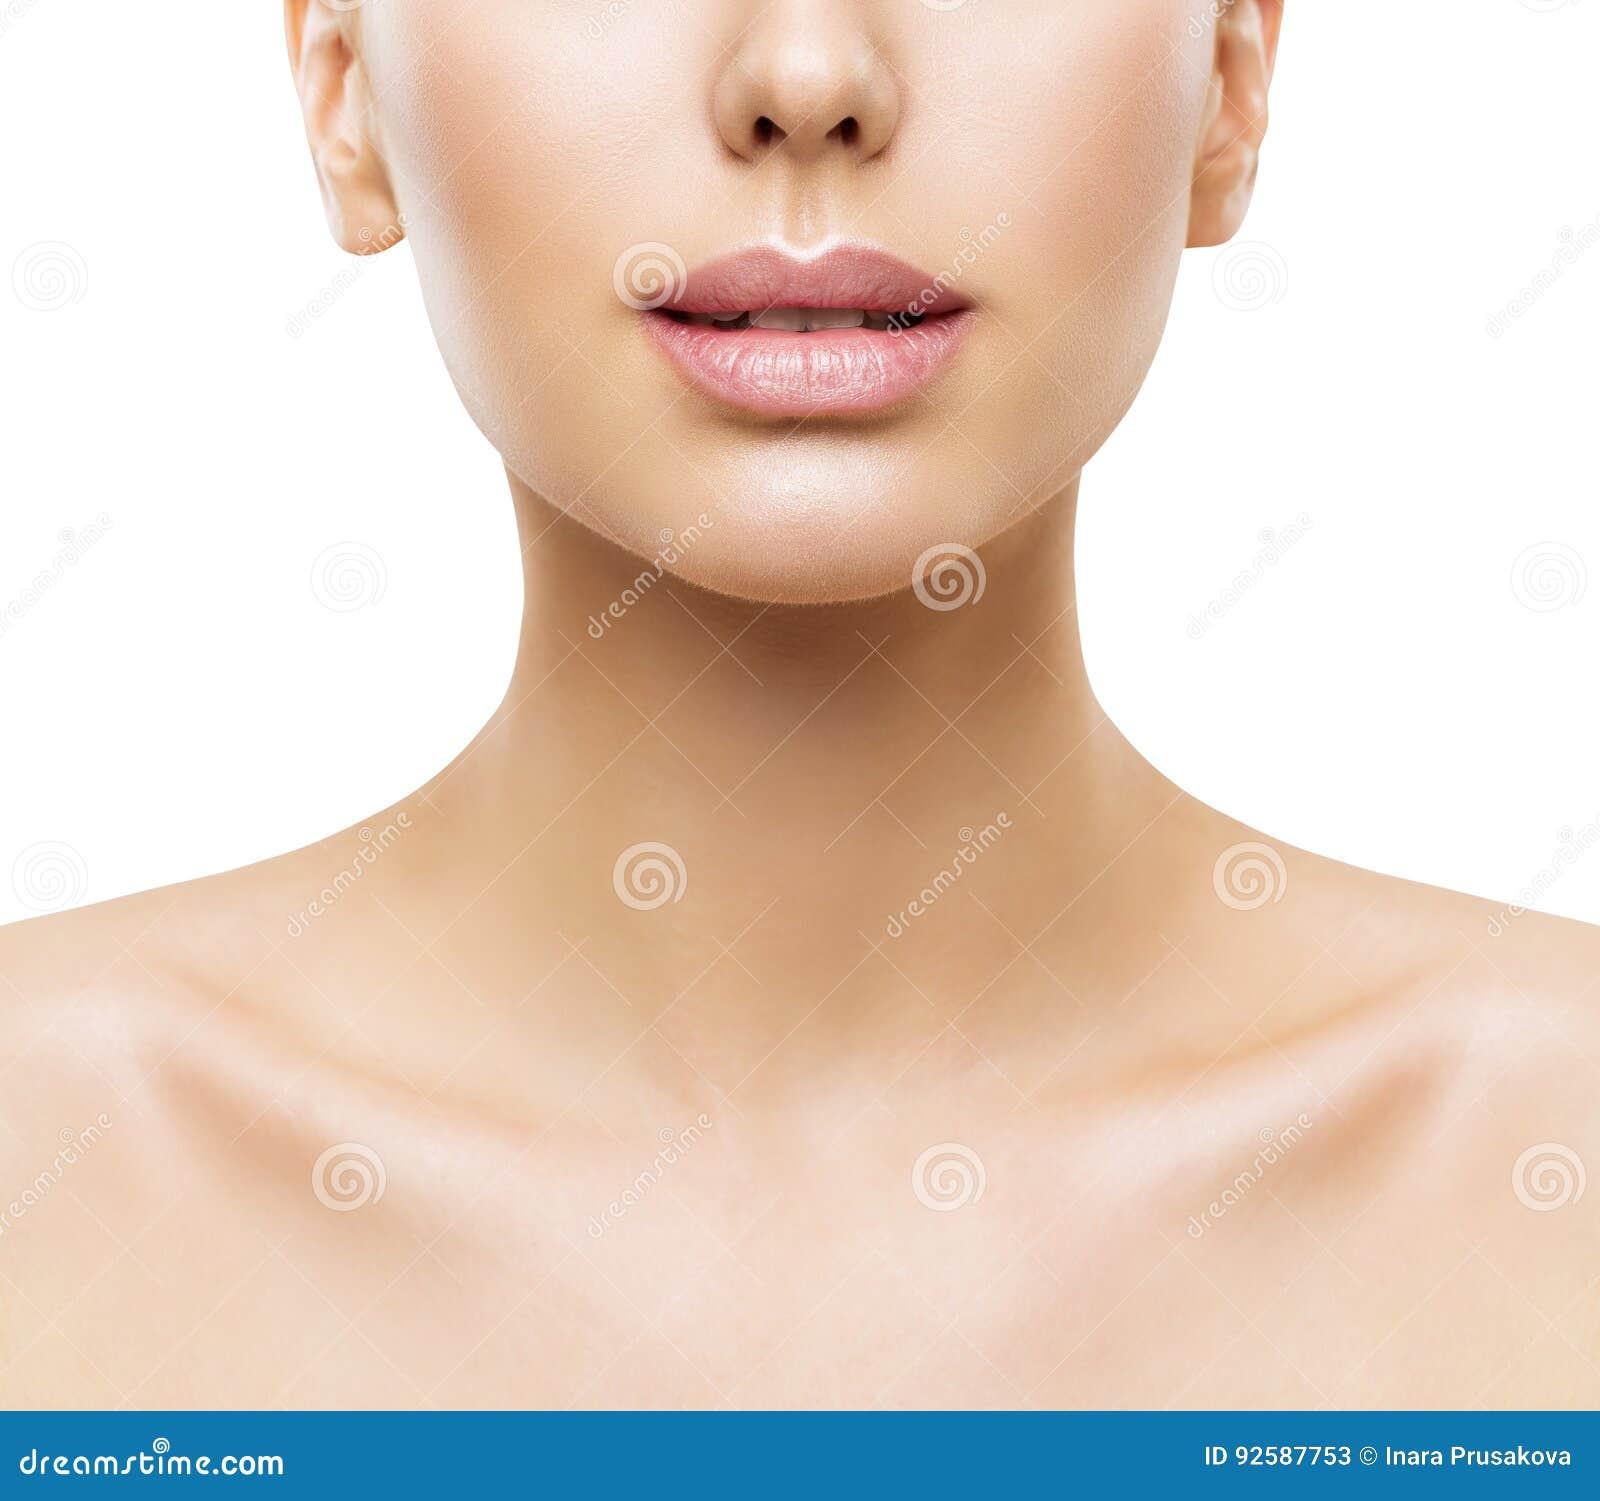 Χείλια, ομορφιά προσώπου γυναικών, στόμα και κινηματογράφηση σε πρώτο πλάνο δερμάτων λαιμών, δέρμα γυναικών